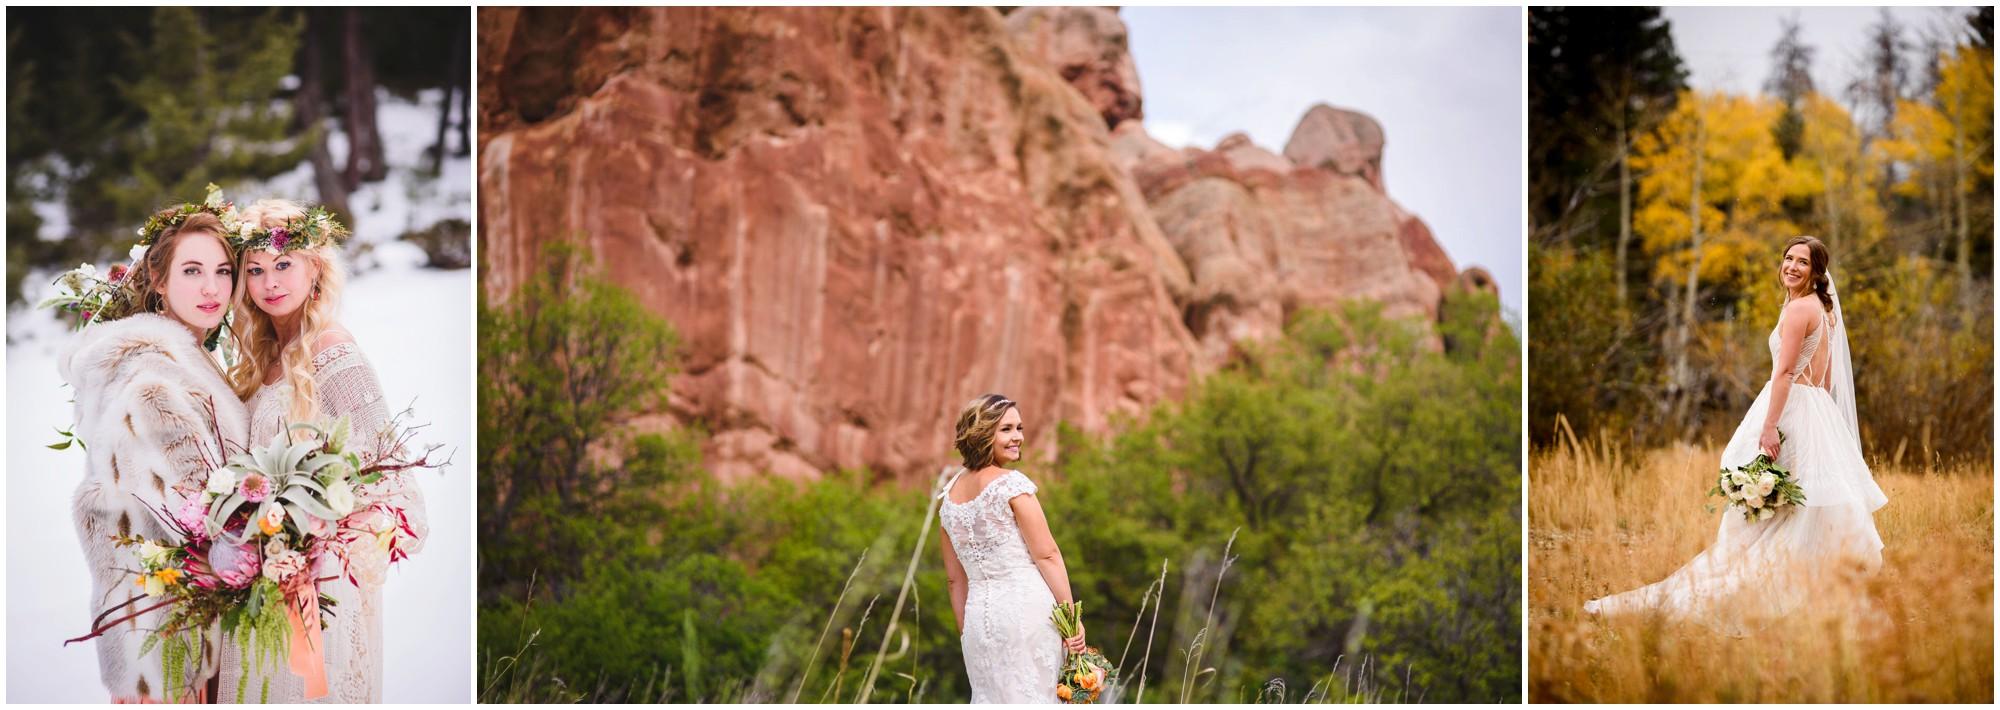 193-same-sex-winter-colorado-mountain-wedding.jpg